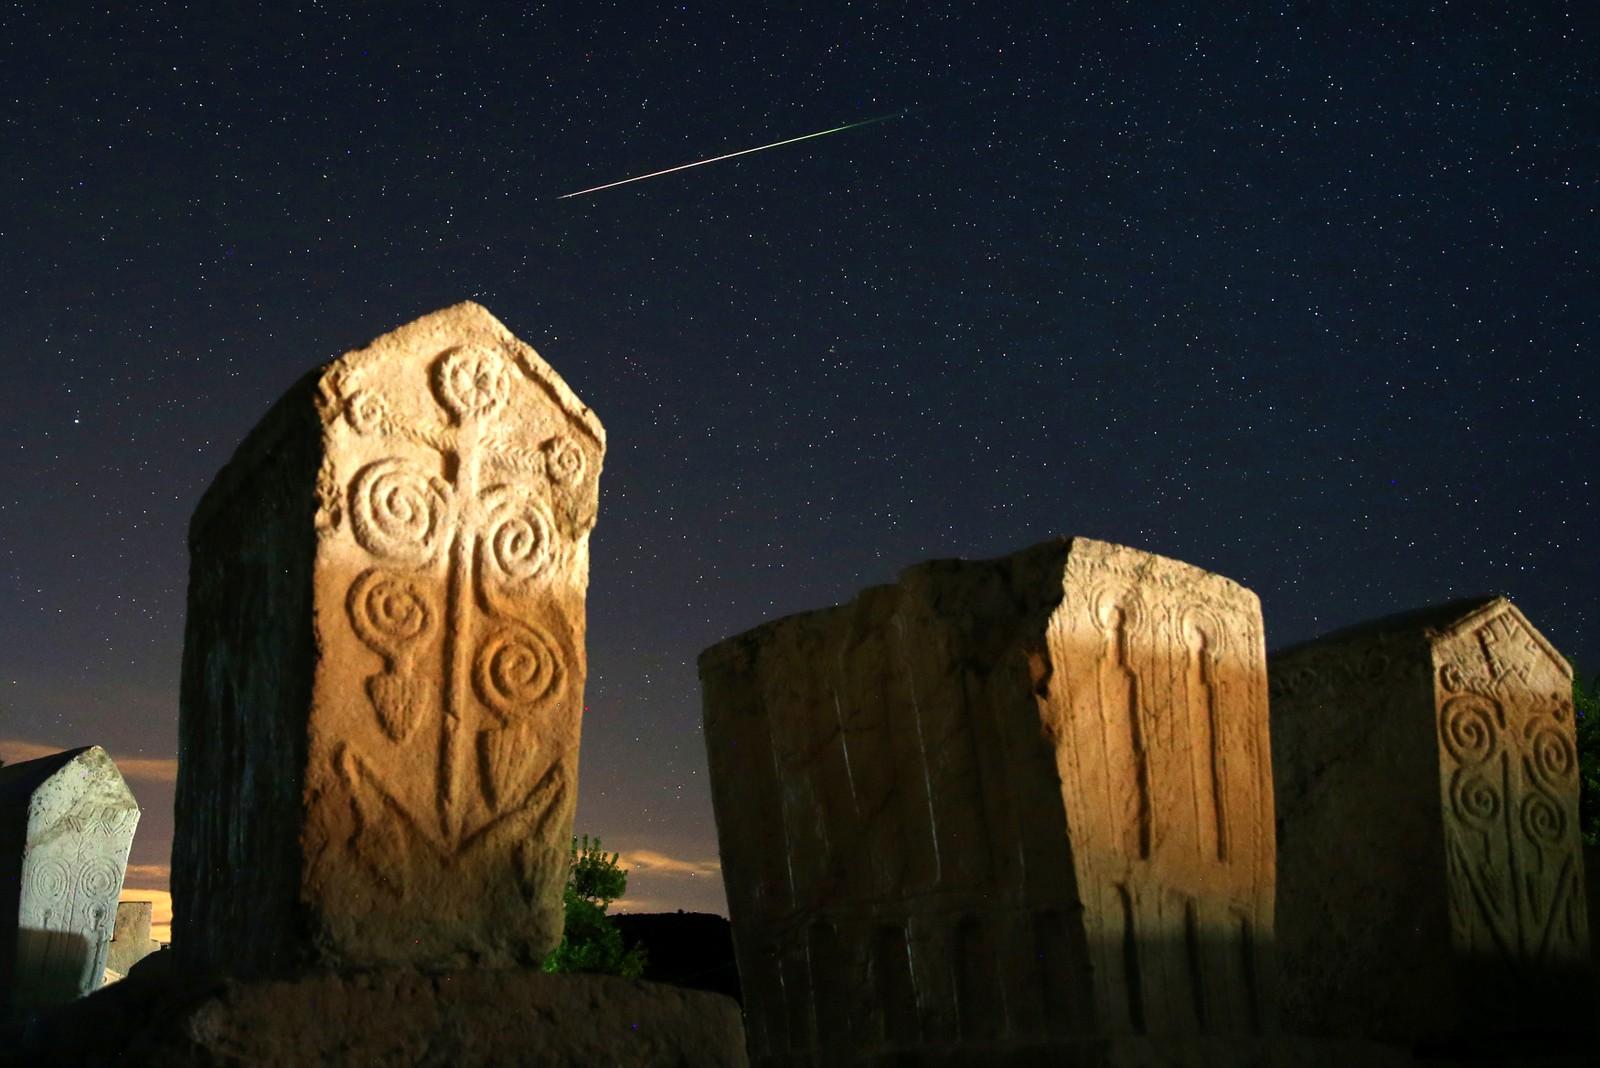 """En meteor på stjernehimmelen over gravstøtter fra middelalderen i Radimlja i Bosnia og Herzegovina den 12. august. Hvert år i august, i bare noen få dager, kan man se et lysshow på himmelen kalt """"perseidene"""". I år var det ekstra kraftig, med opptil 150-160 stjerneskudd på én time."""